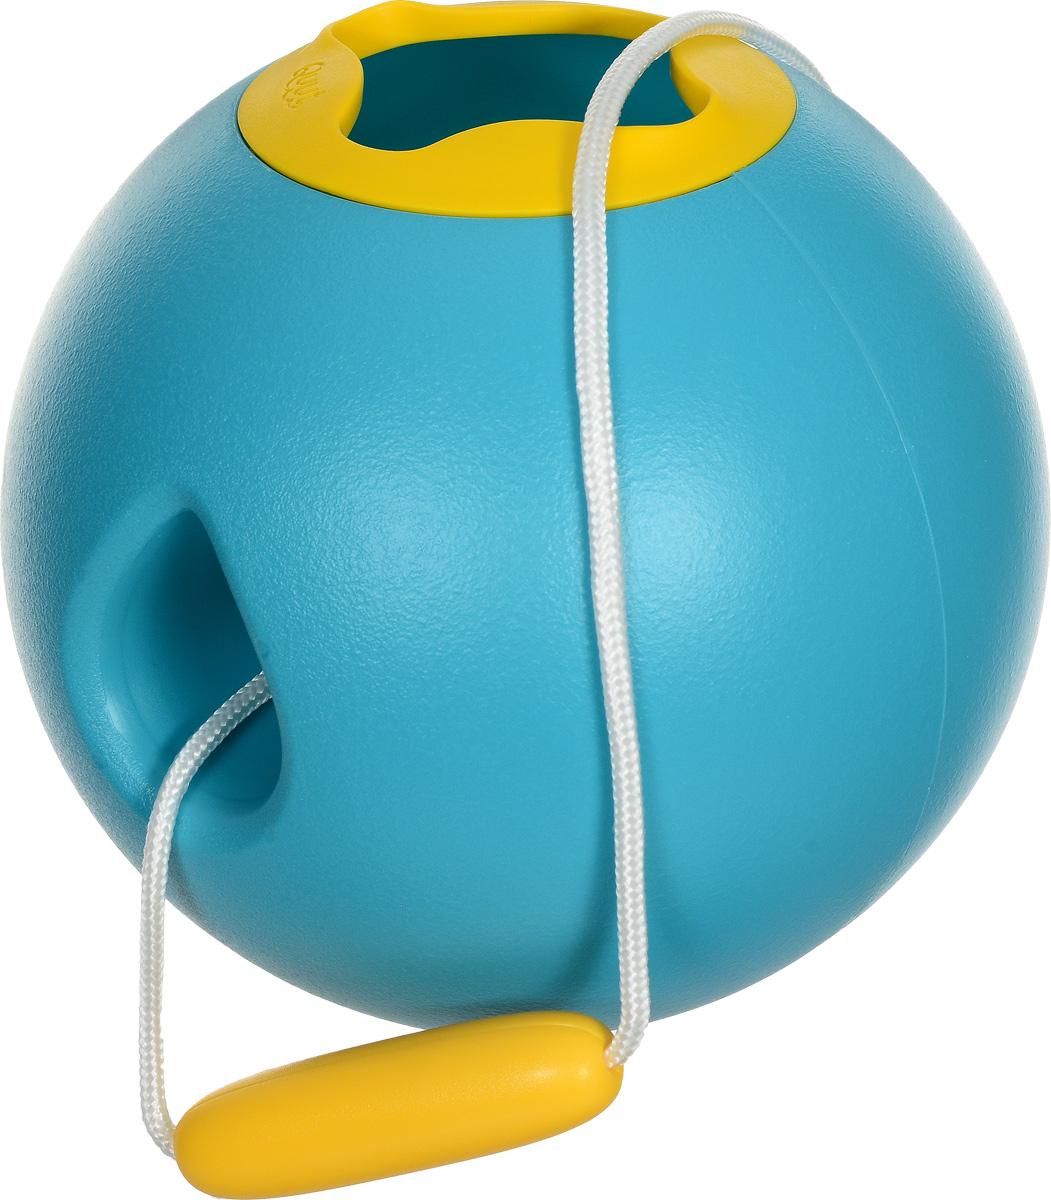 Quut Ведерко для воды Ballo цвет бирюзовый игрушка для песка и снега quut triplet розовая